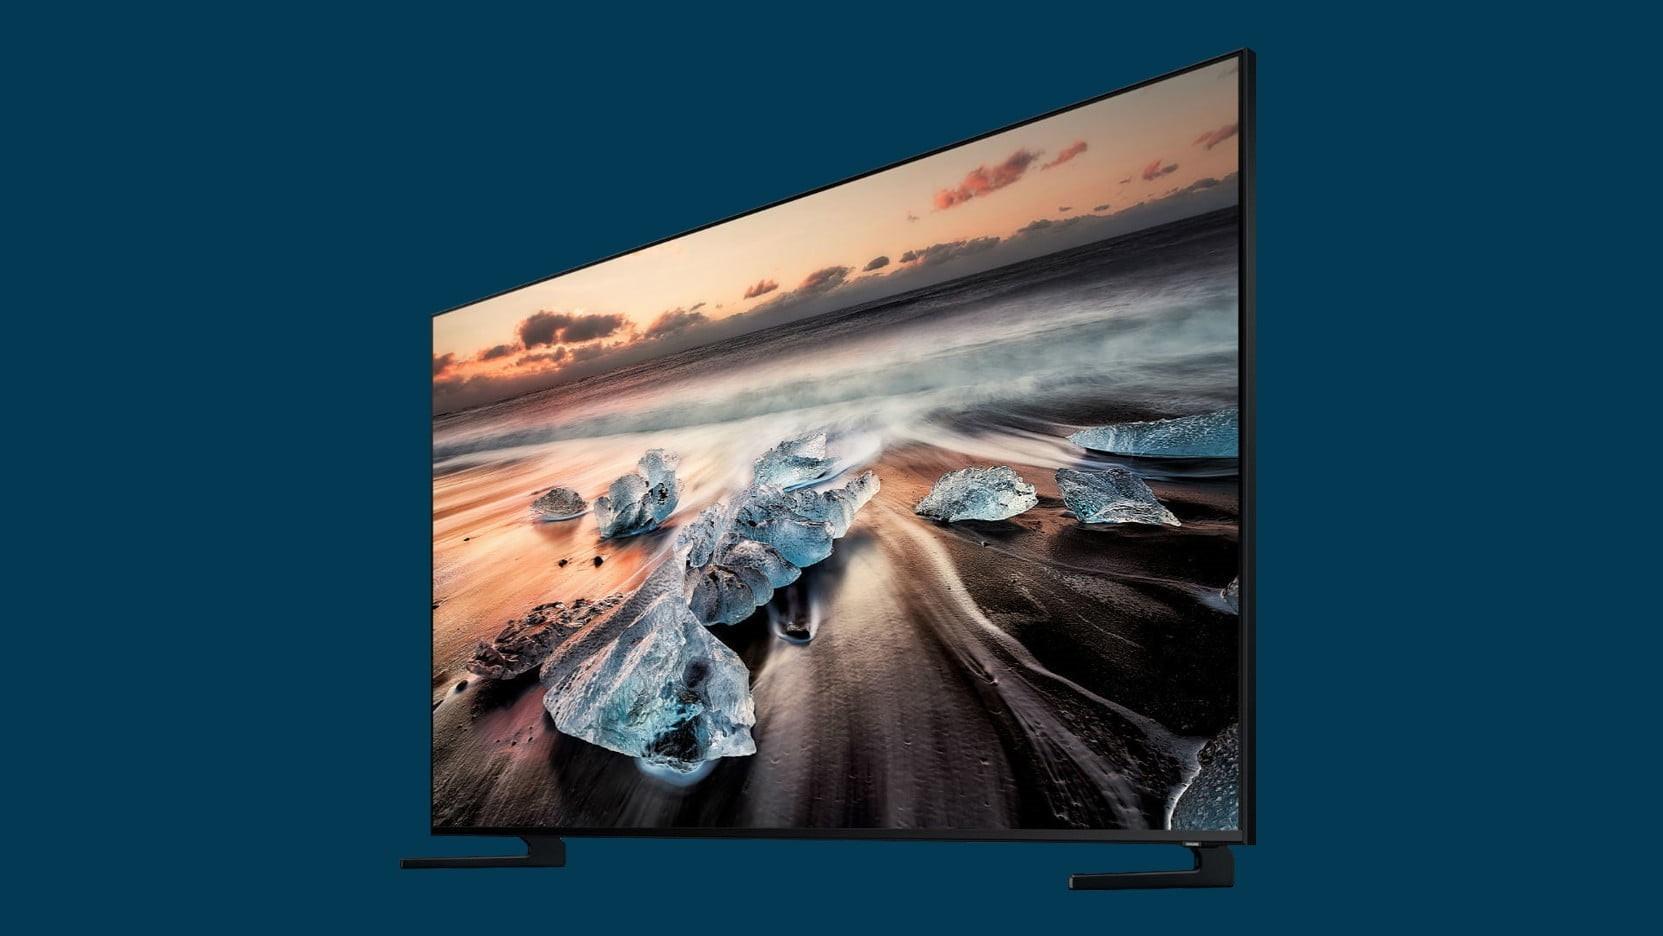 Первый QLED 8K TV от Samsung появится в магазинах в сентябре